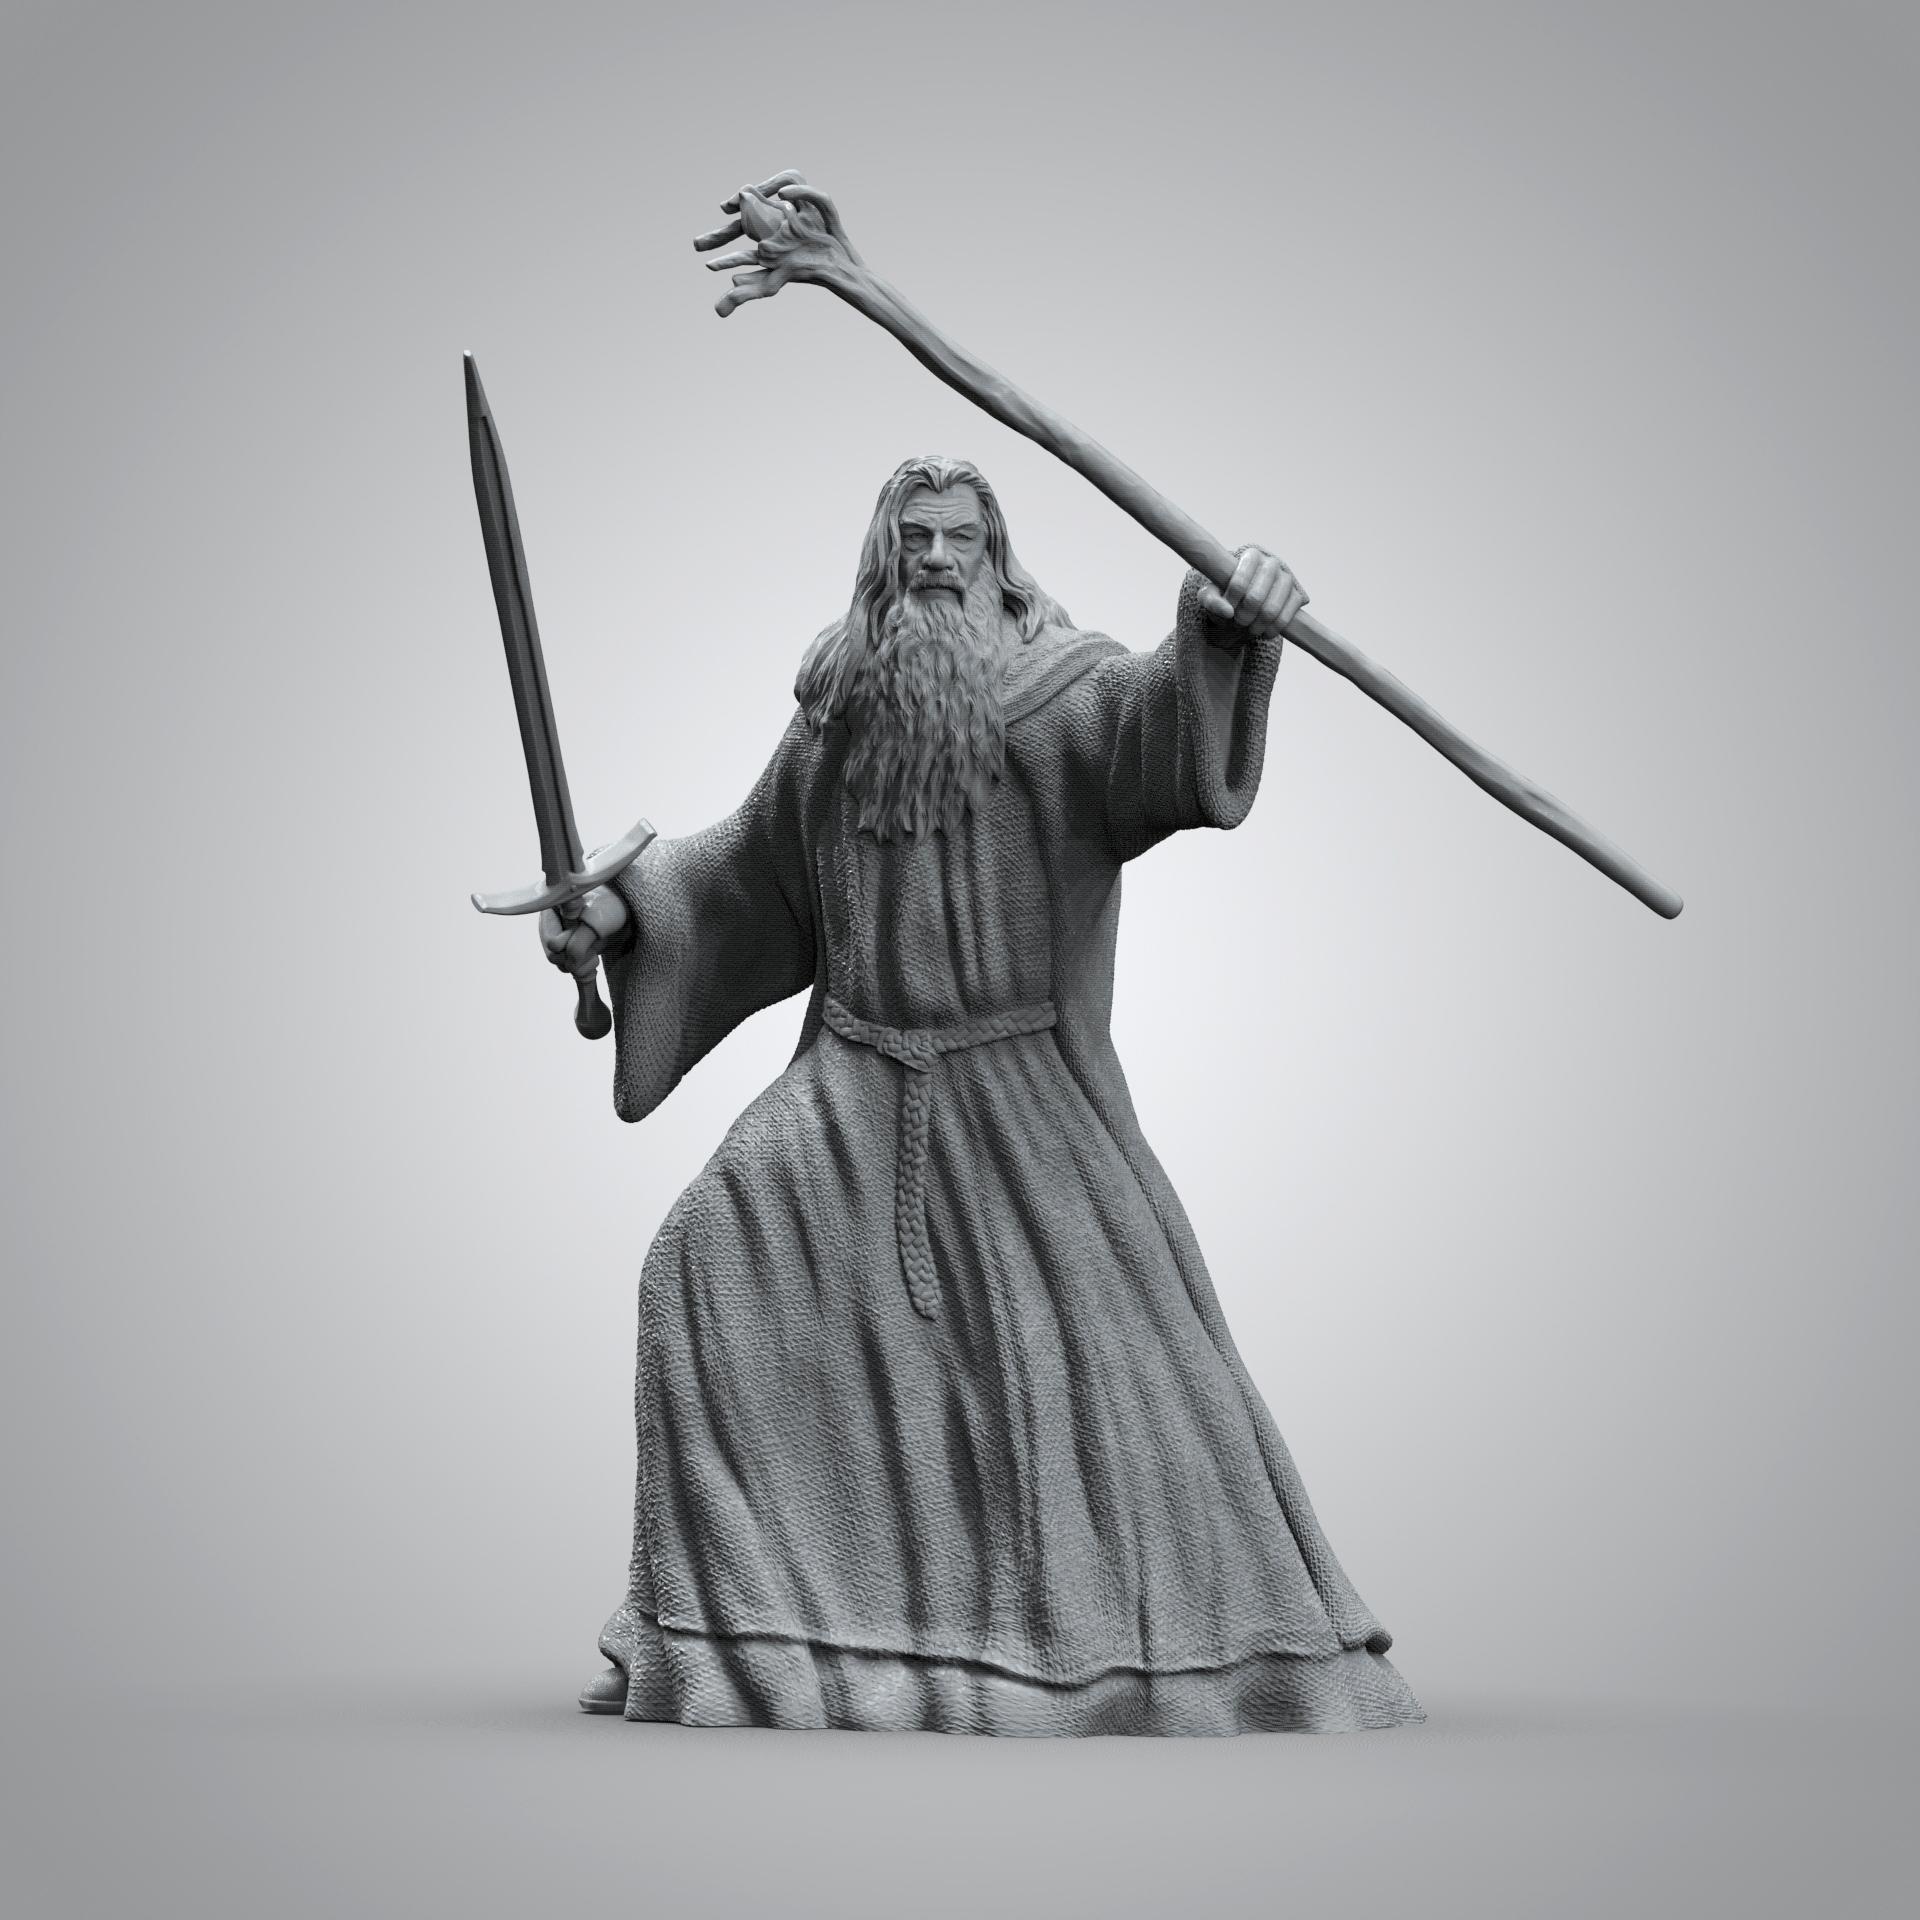 Figurines alternatives en 3D pour ME SBG: liste créateurs Ephh2VEXIAMEg9b?format=jpg&name=large